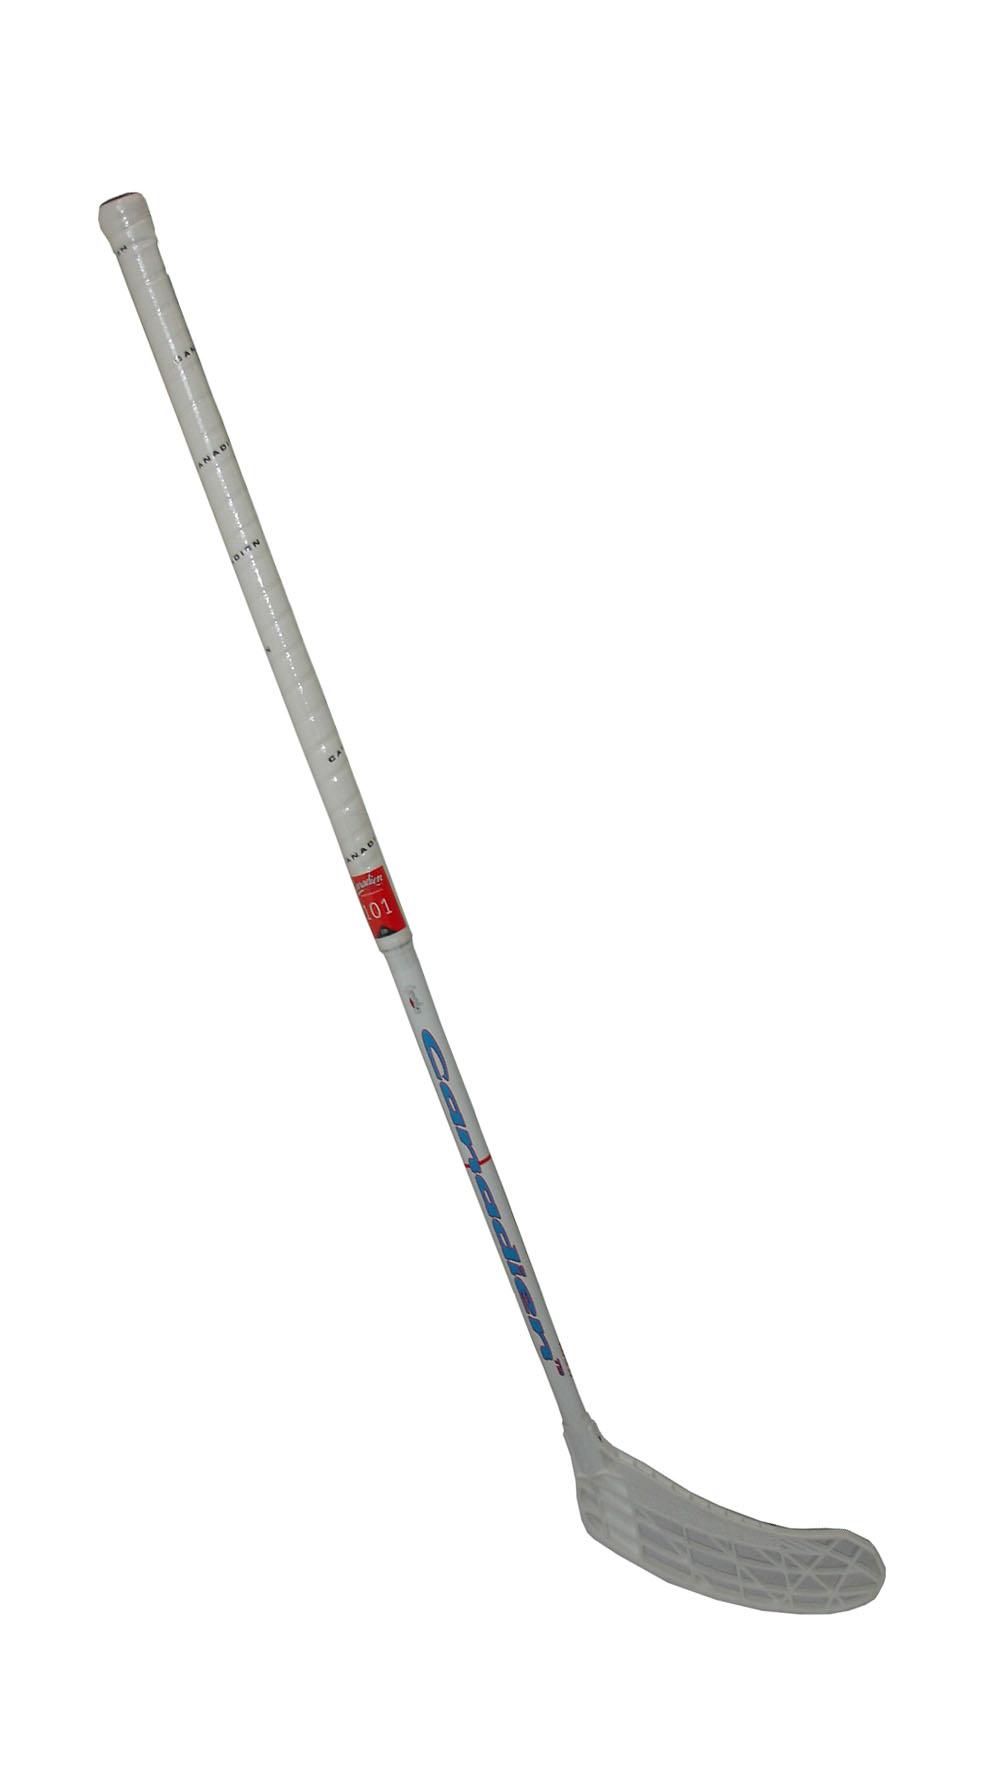 obrázek Hokejka na florbal Canadien - 95 cm 05-H072-L/P